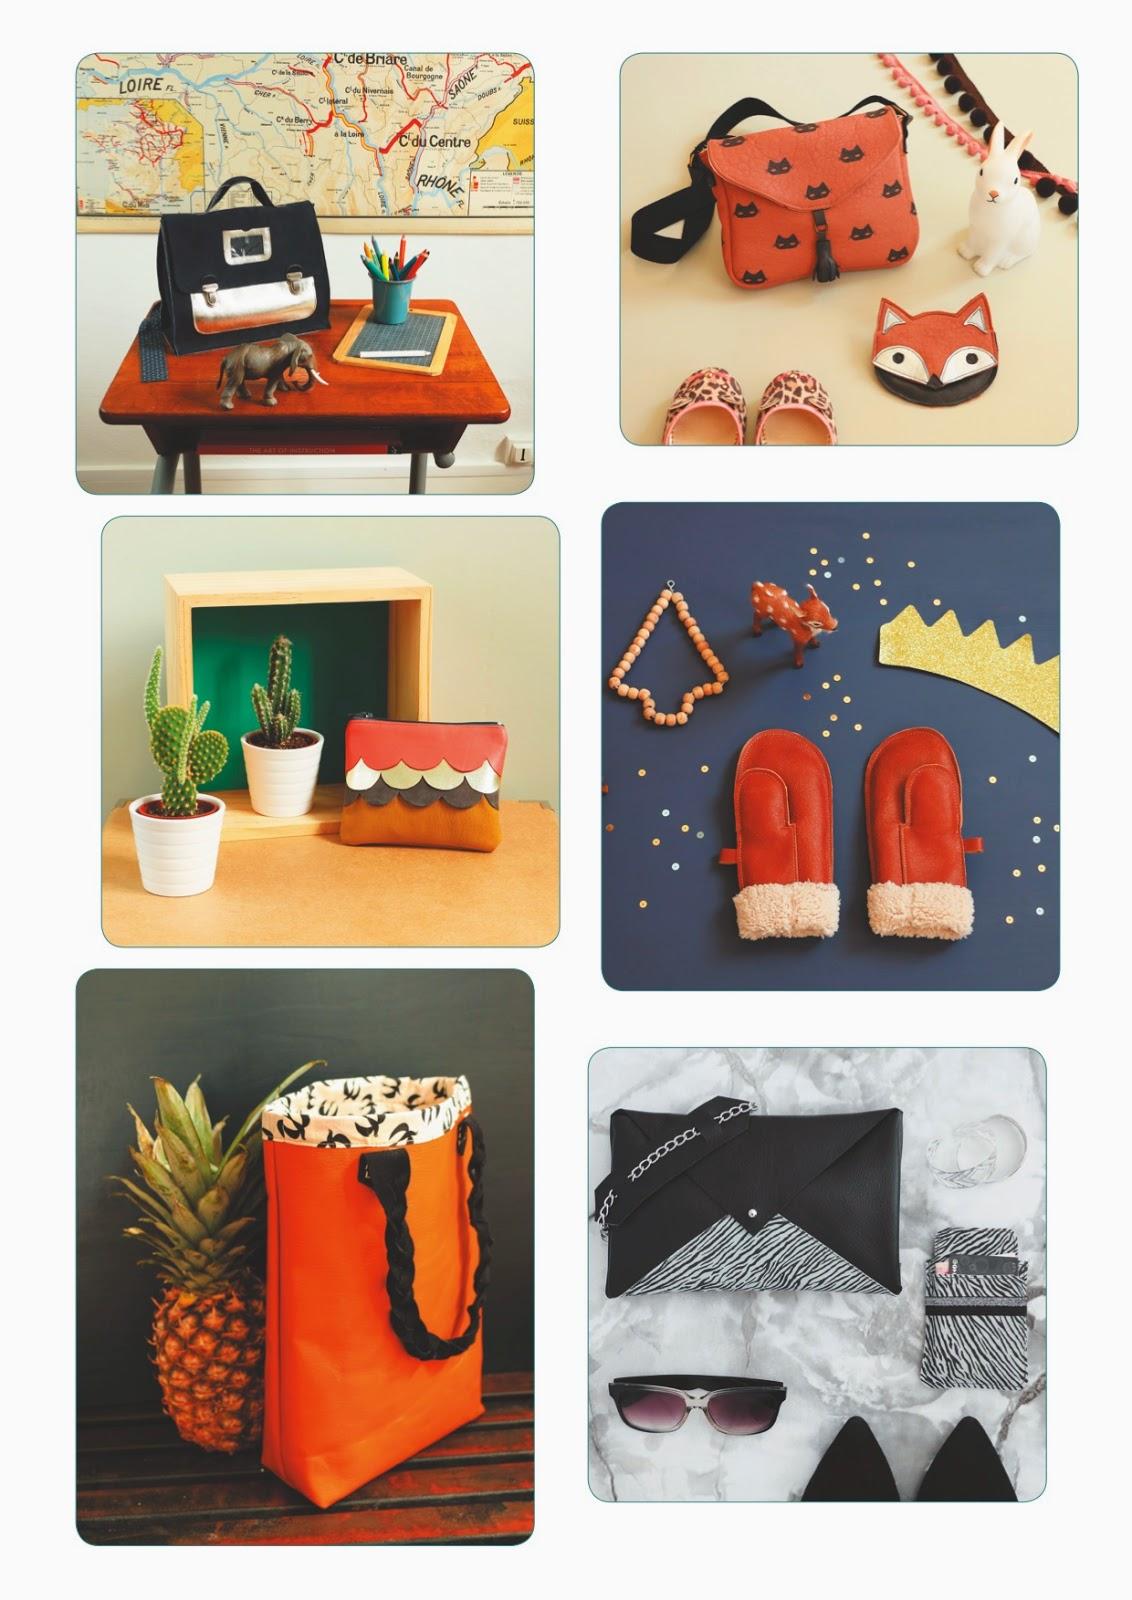 http://bit.ly/Petits-riens-cuir